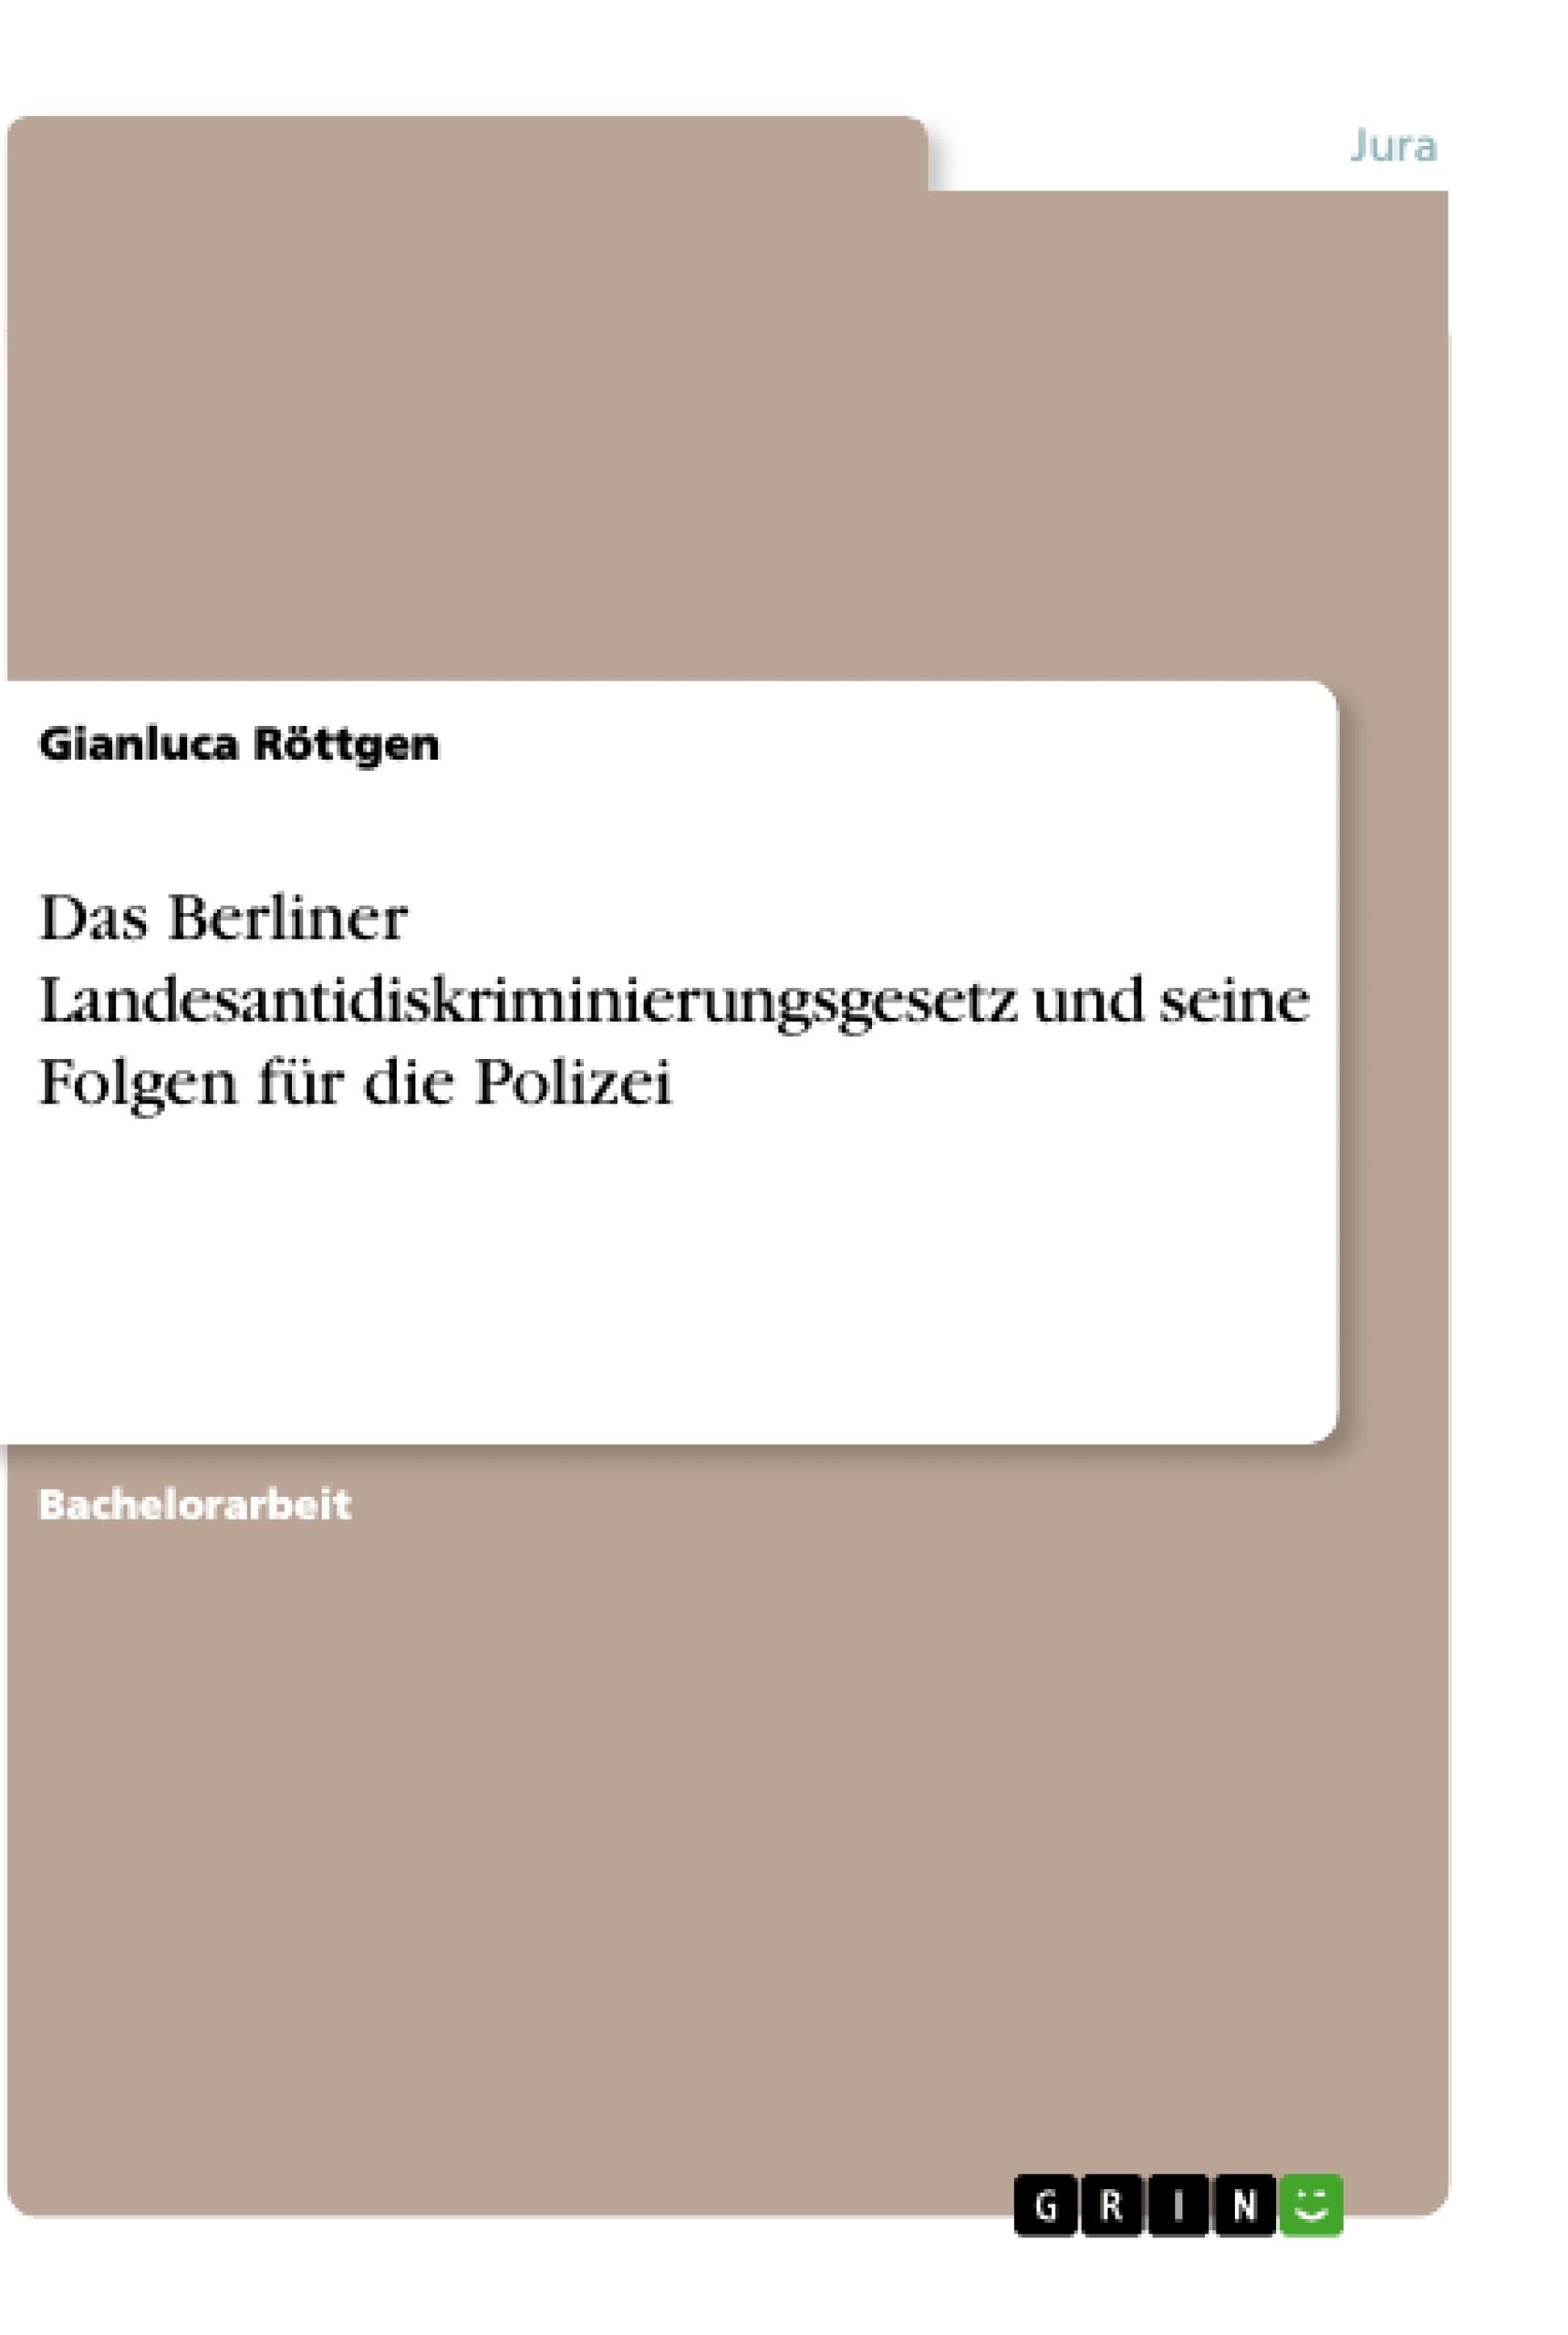 Titel: Das Berliner Landesantidiskriminierungsgesetz und seine Folgen für die Polizei